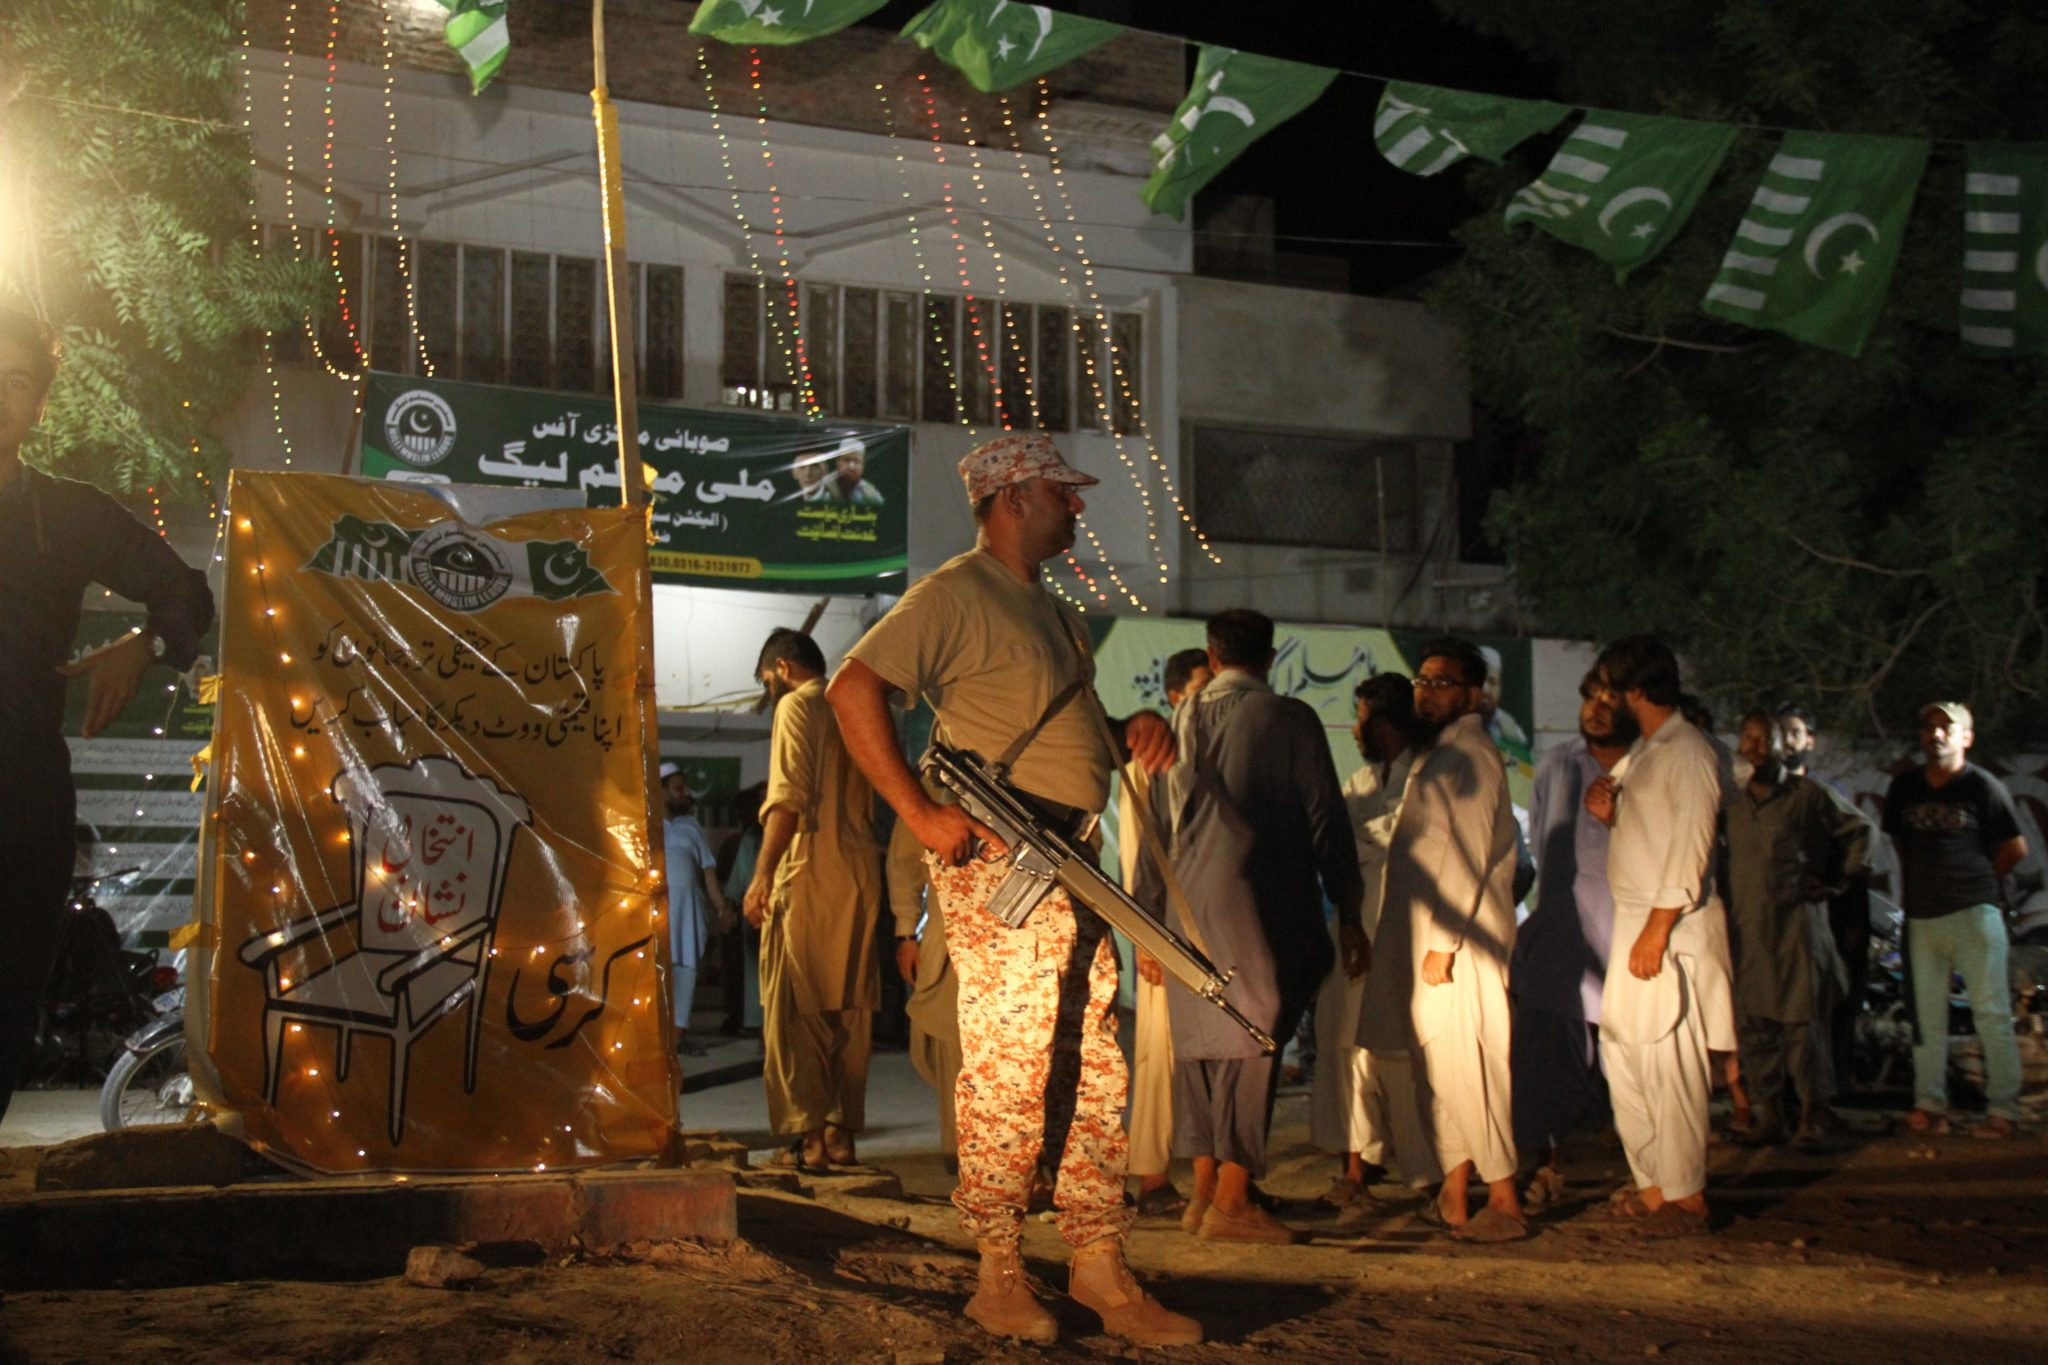 Samochód - pułapka wybuchł przed biurem jednego z kandydatów / liderów ugrupowań startujących w jutrzejszych wyborach parlamentarnych w Pakistanie. W ostatnich dniach kampanii takie ataki się nasilają, fot. Nadeem Khawer, PAP/EPA